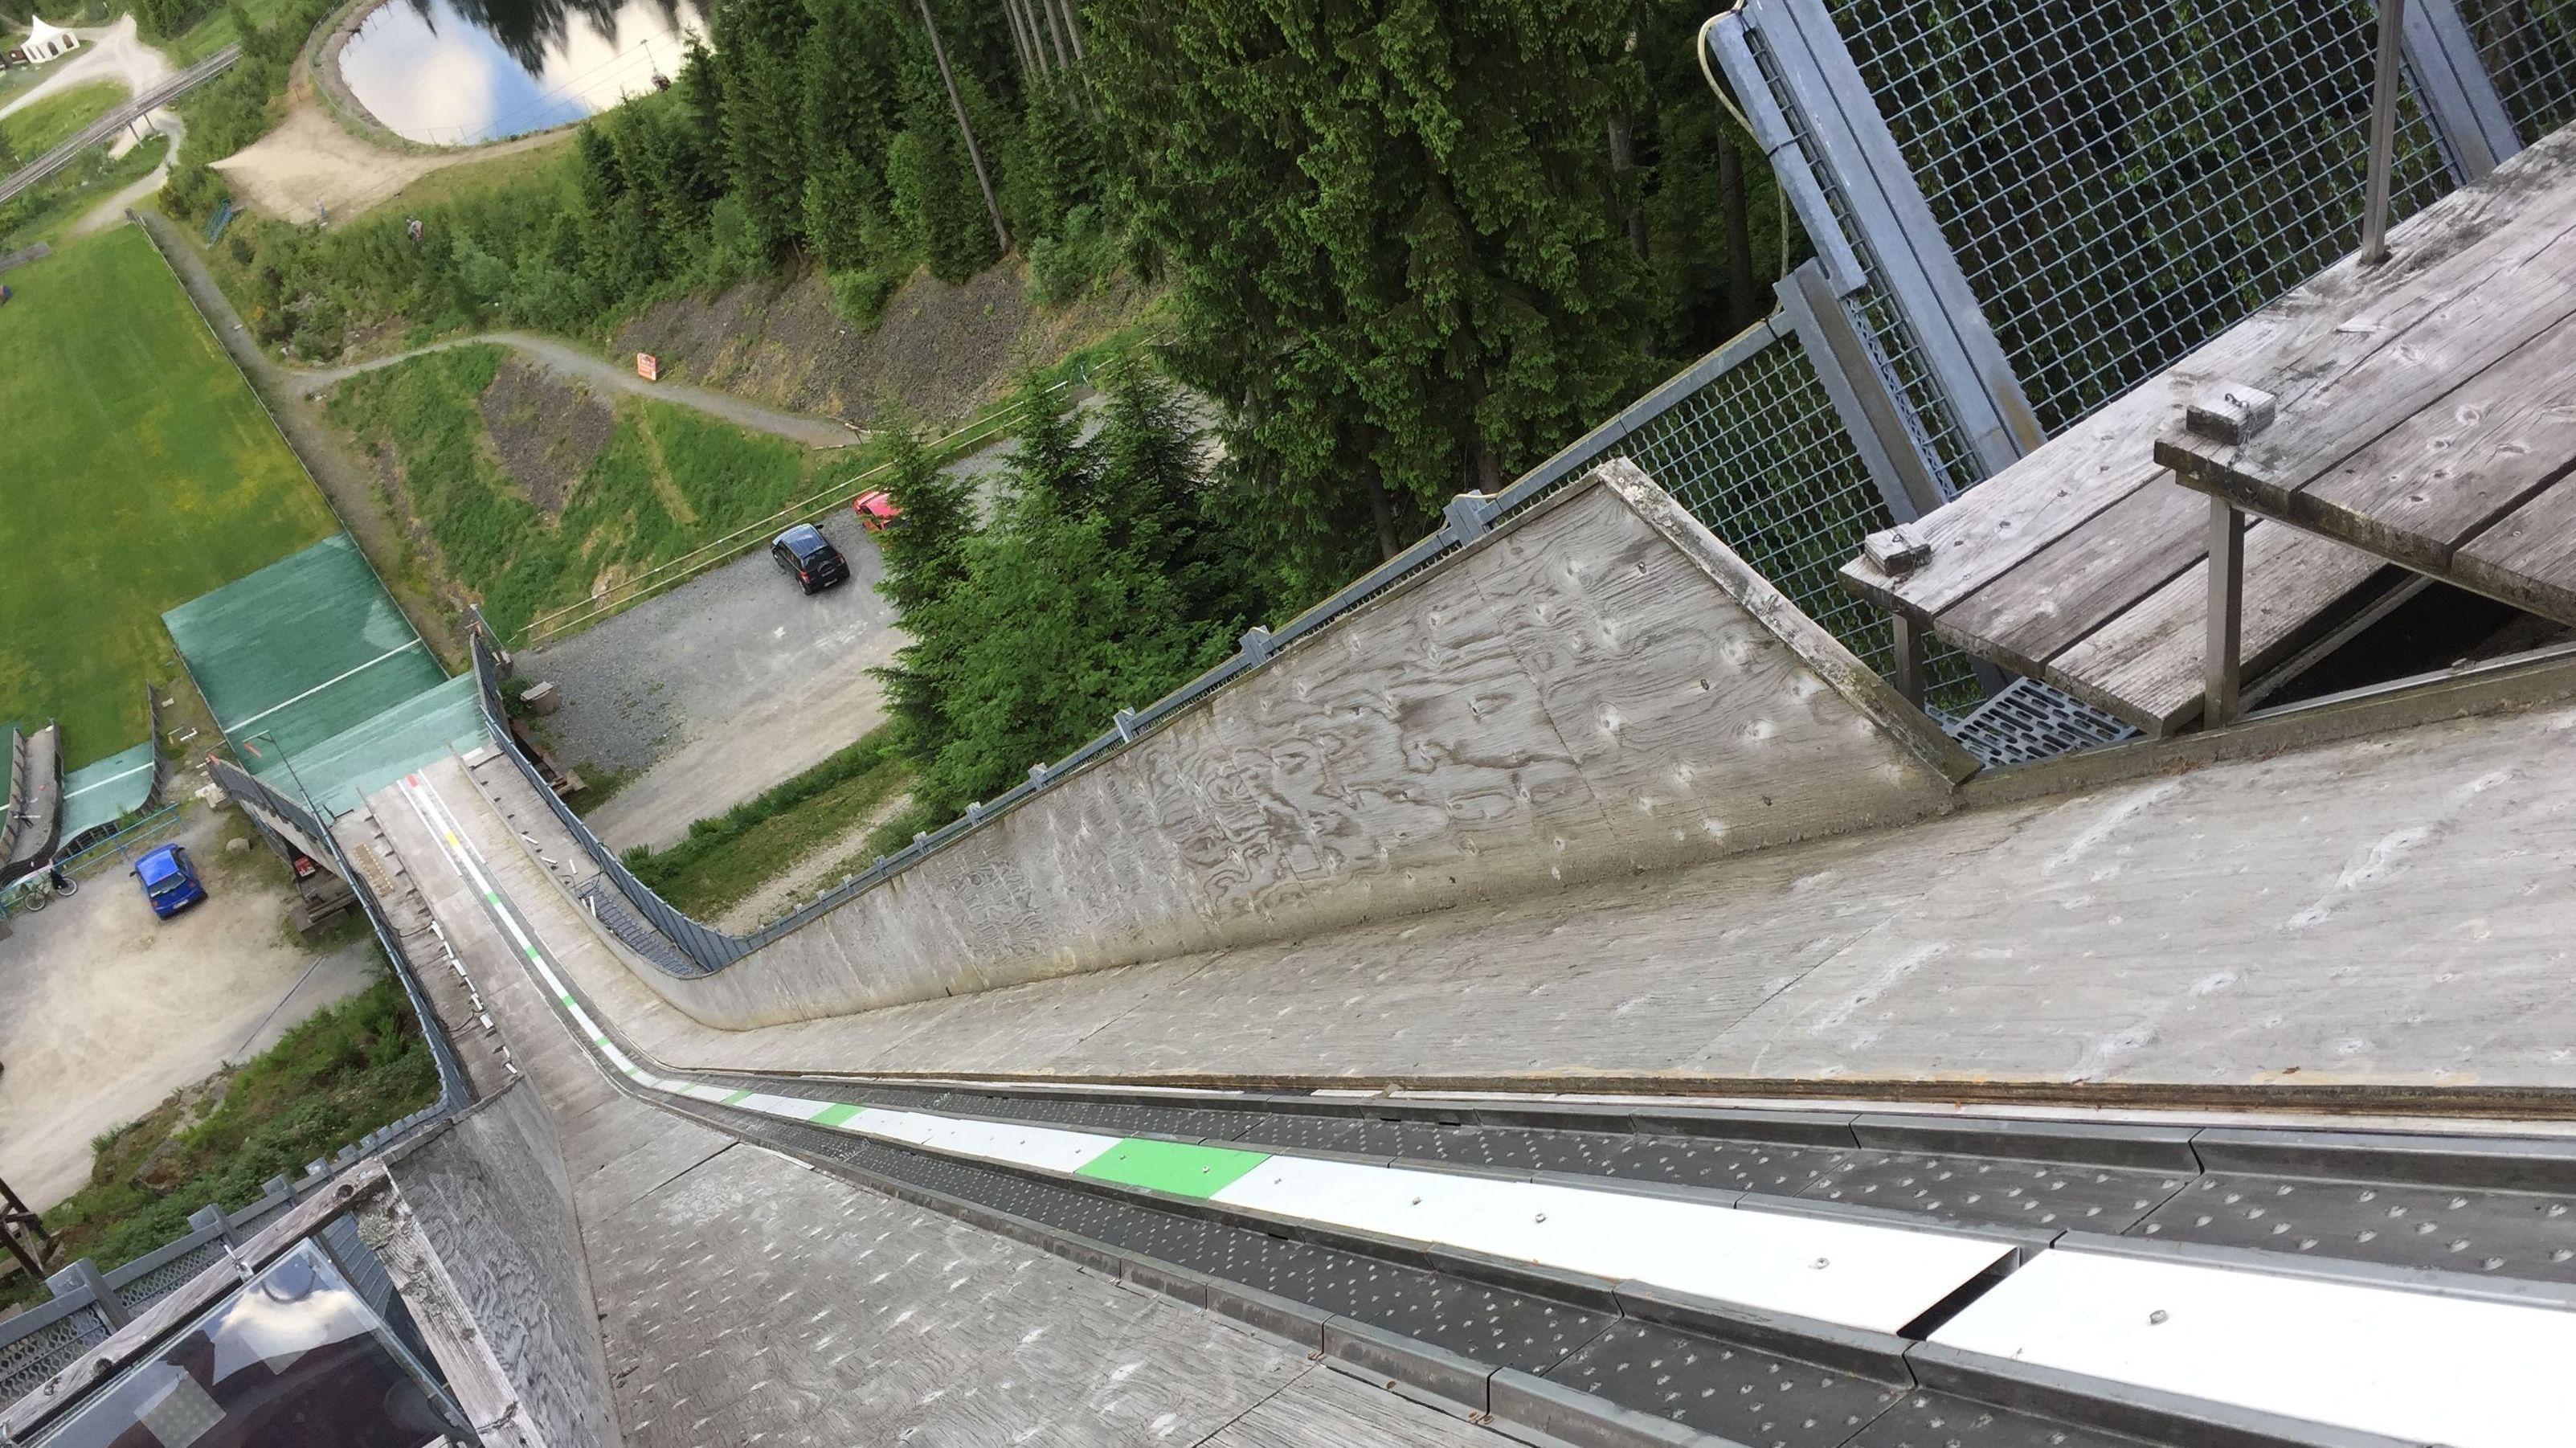 Die Sprungschanze in Bischofsgrün im Sommer von oben gesehen mit Bäumen im Hintergrund